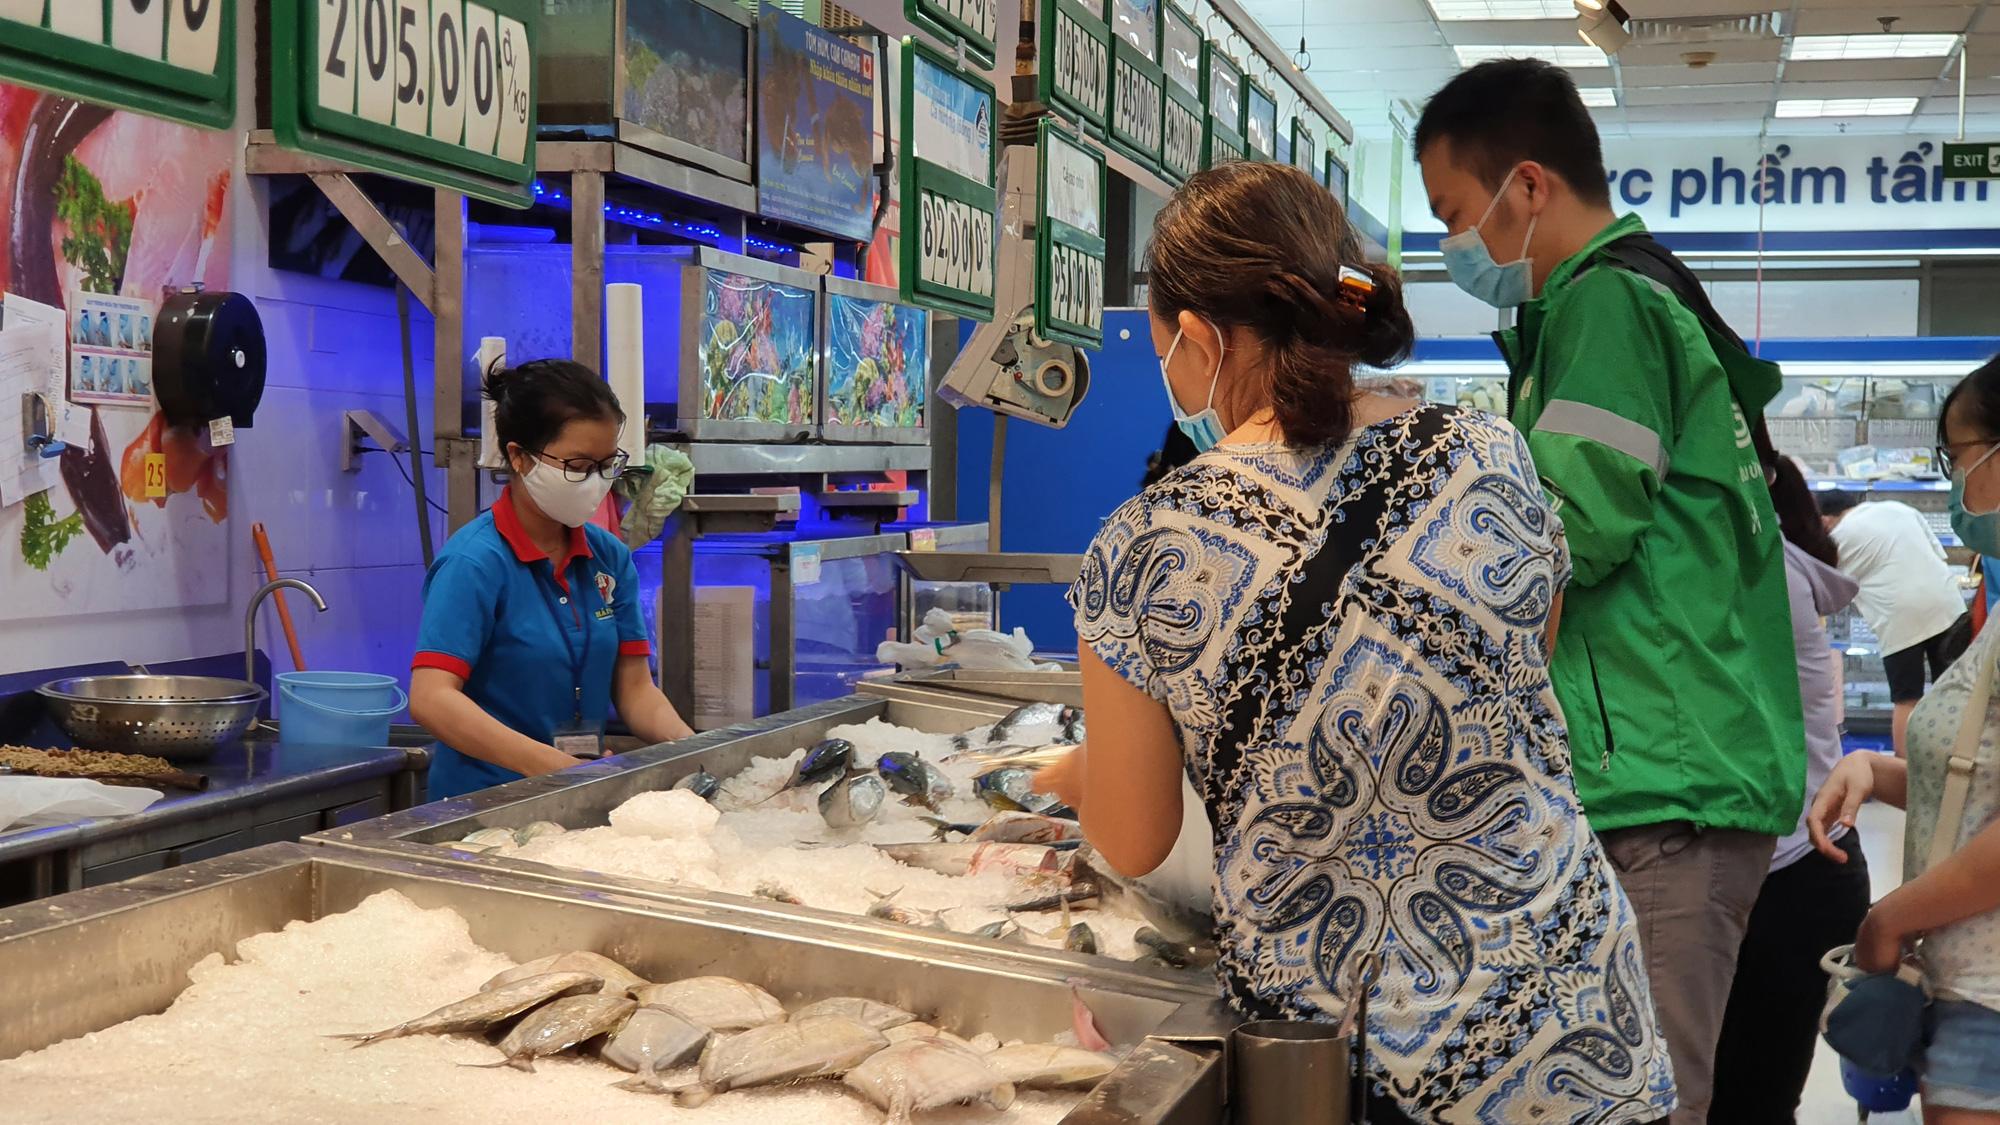 Sợ siêu thị đóng cửa, bị rủ rê… người Sài gòn kéo nhau đi mua đồ về trữ cho 14 ngày cách li xã hội - Ảnh 6.